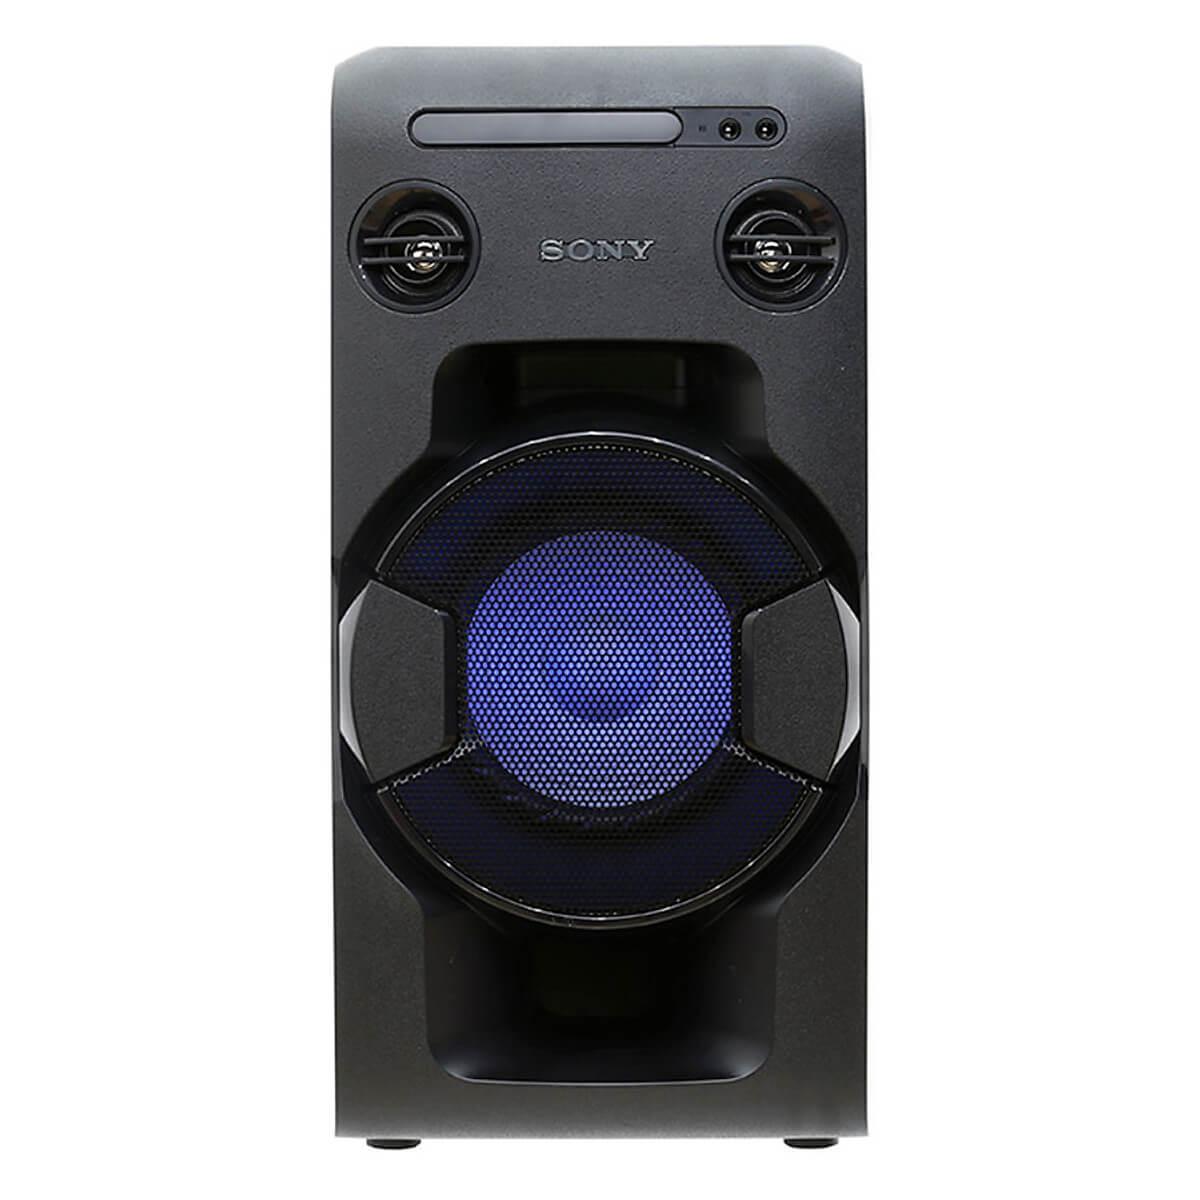 Dàn âm thanh nghe nhạc HiFi Sony MHC-V11